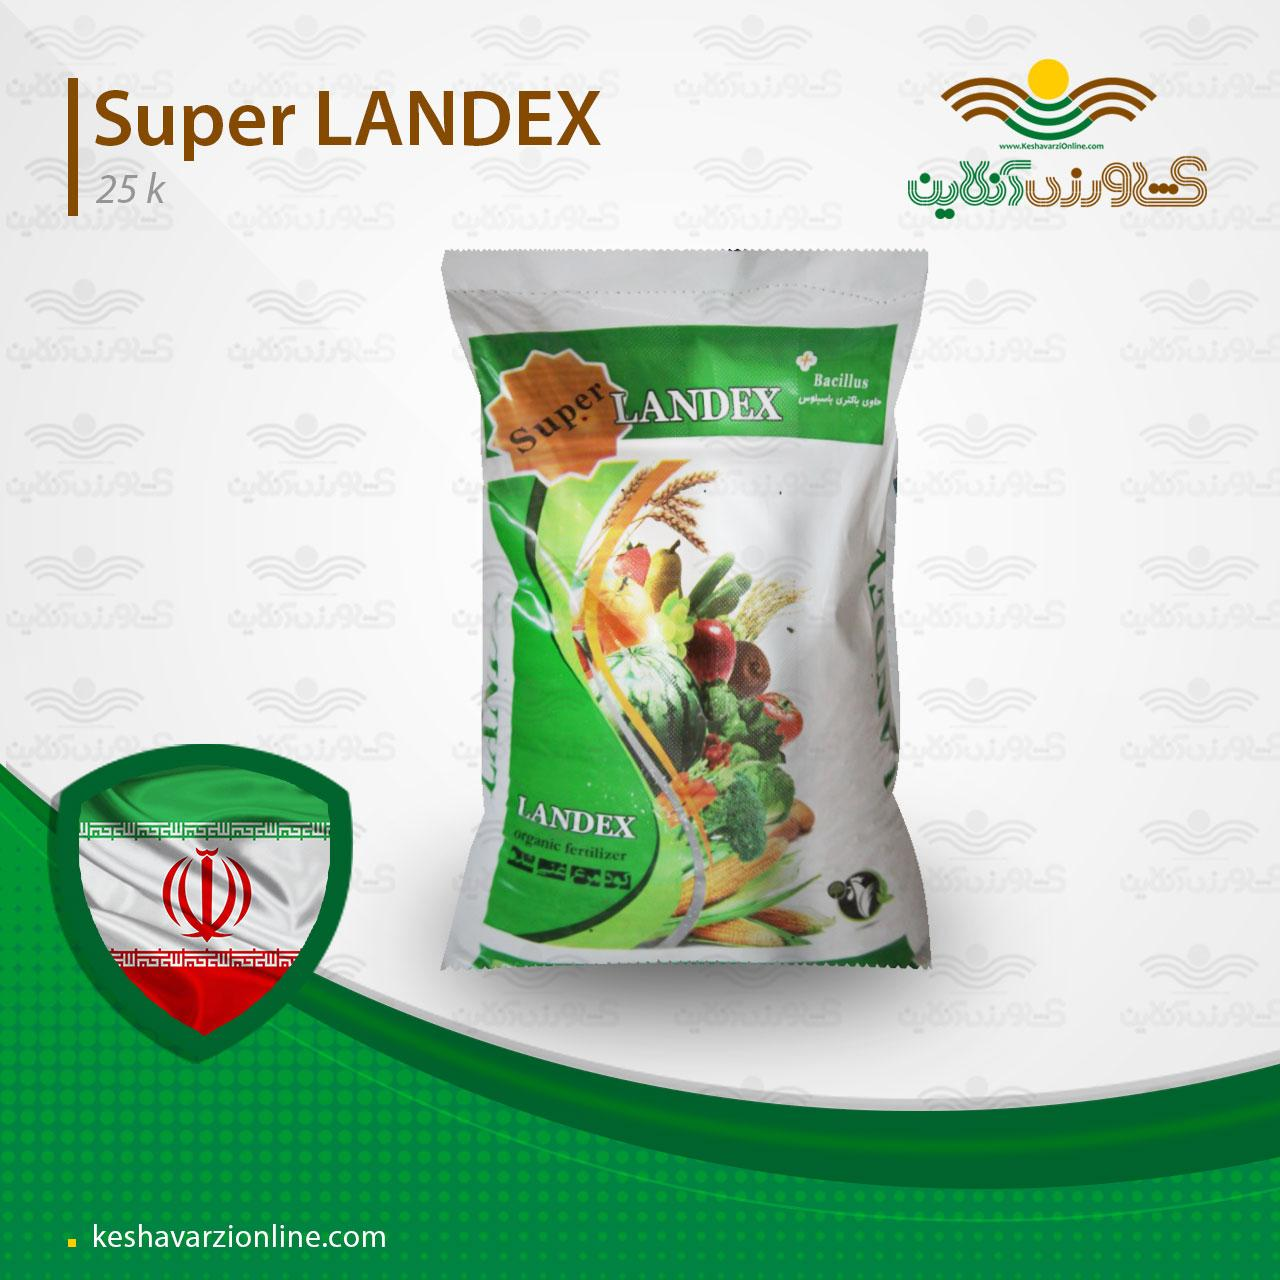 کود مرغی سوپر لندکس